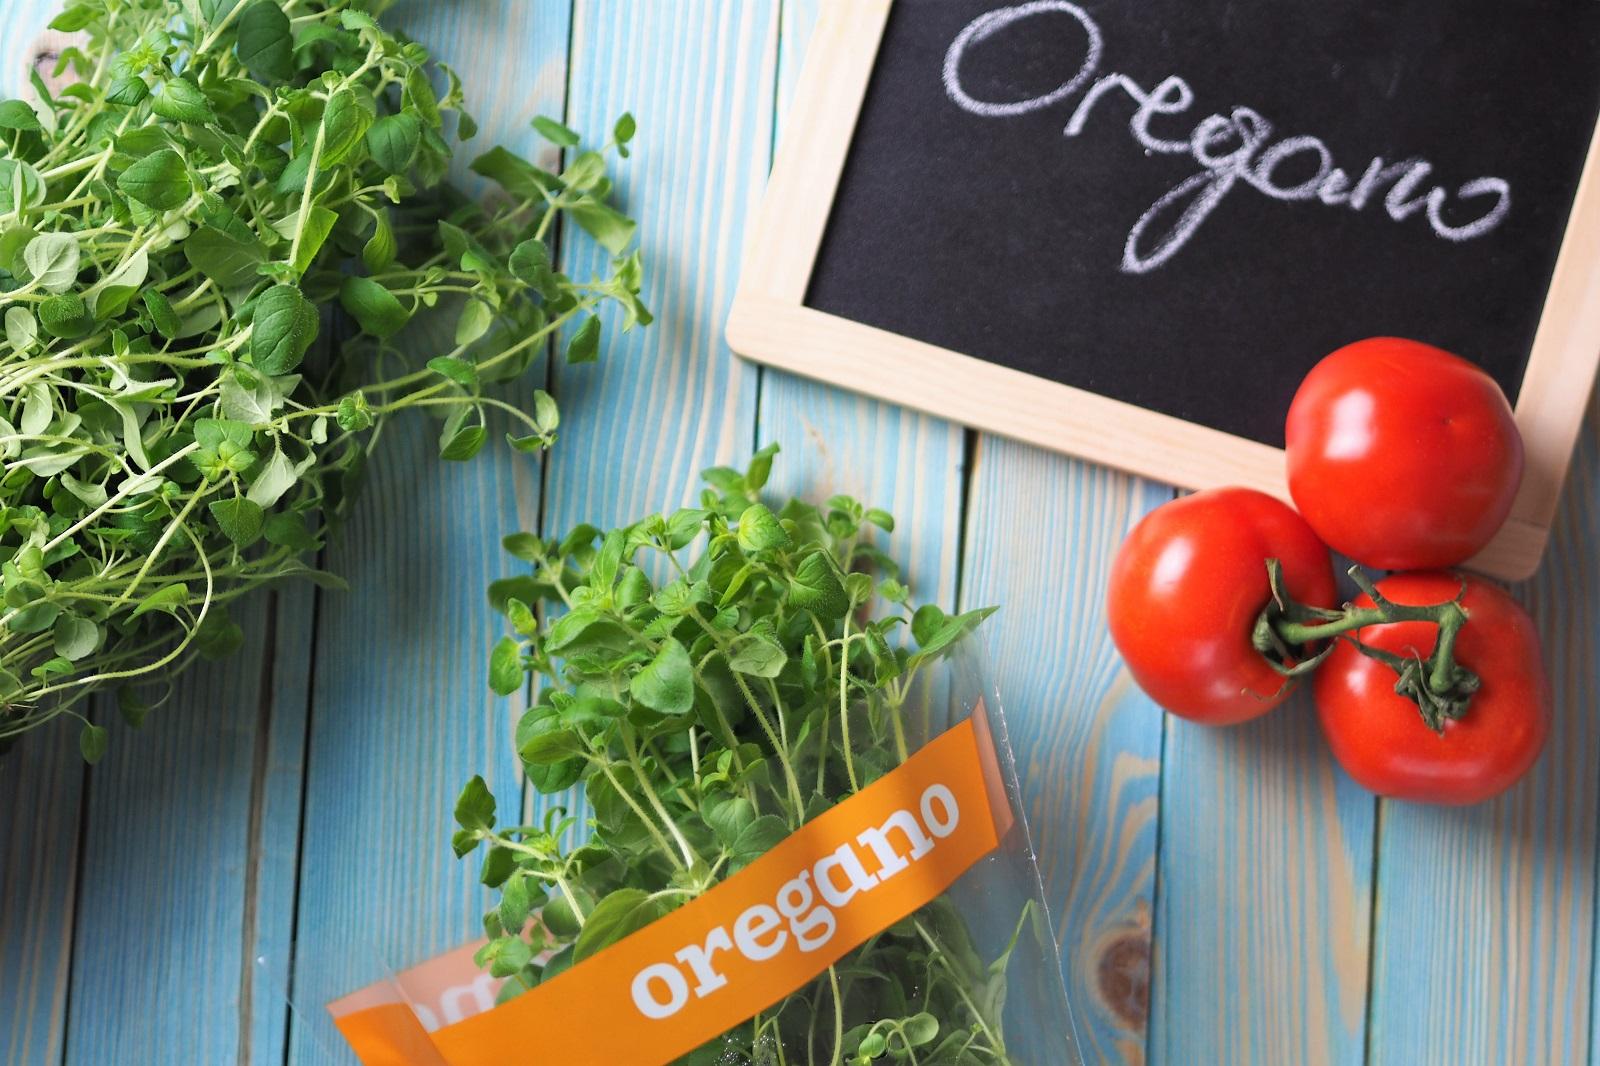 Oregano – naturalne remedium na wiele dolegliwości